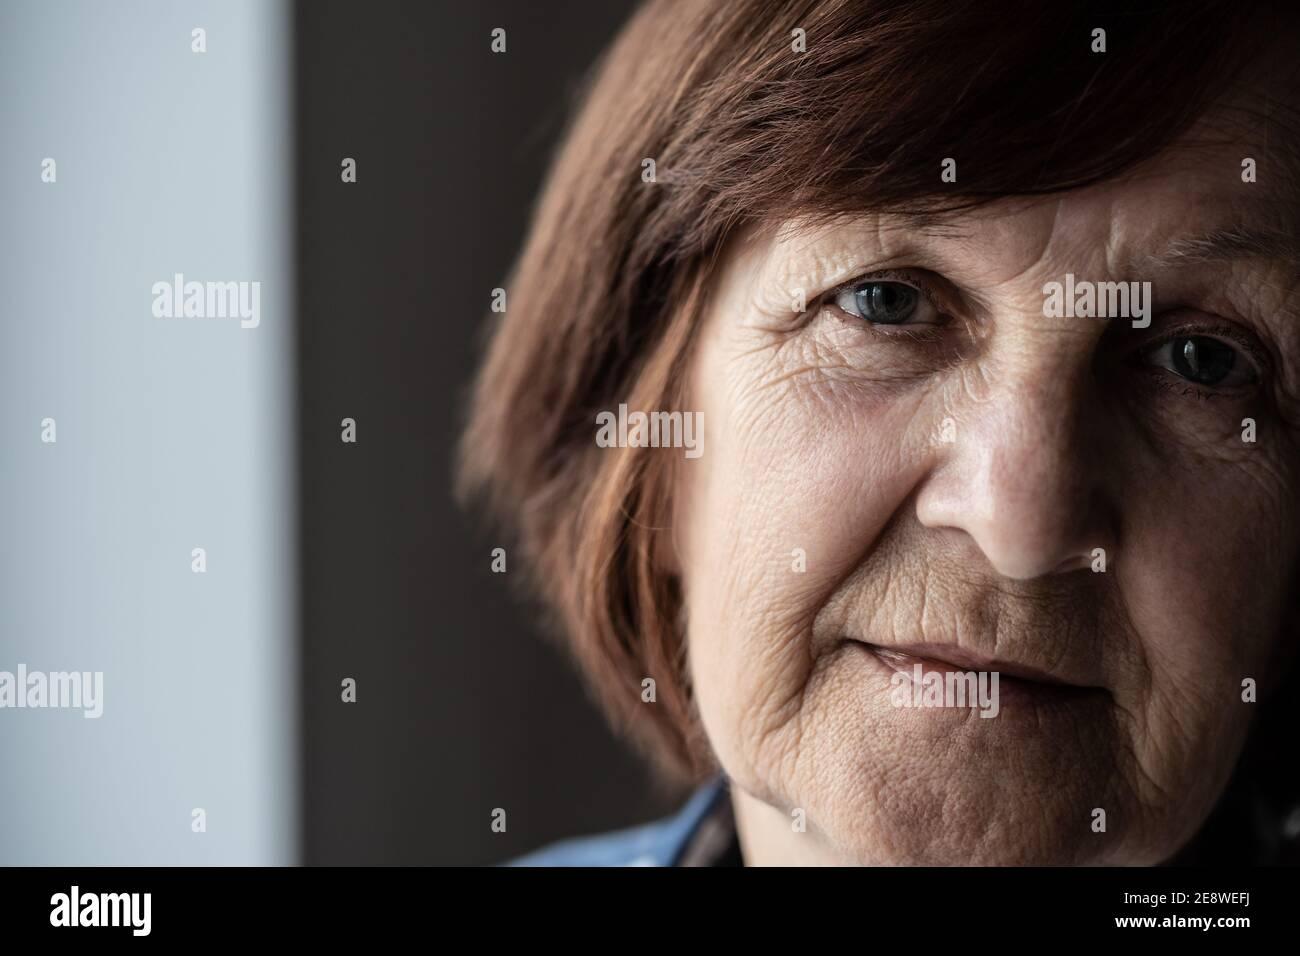 Portrait en gros plan du visage froissé d'une femme âgée. Banque D'Images